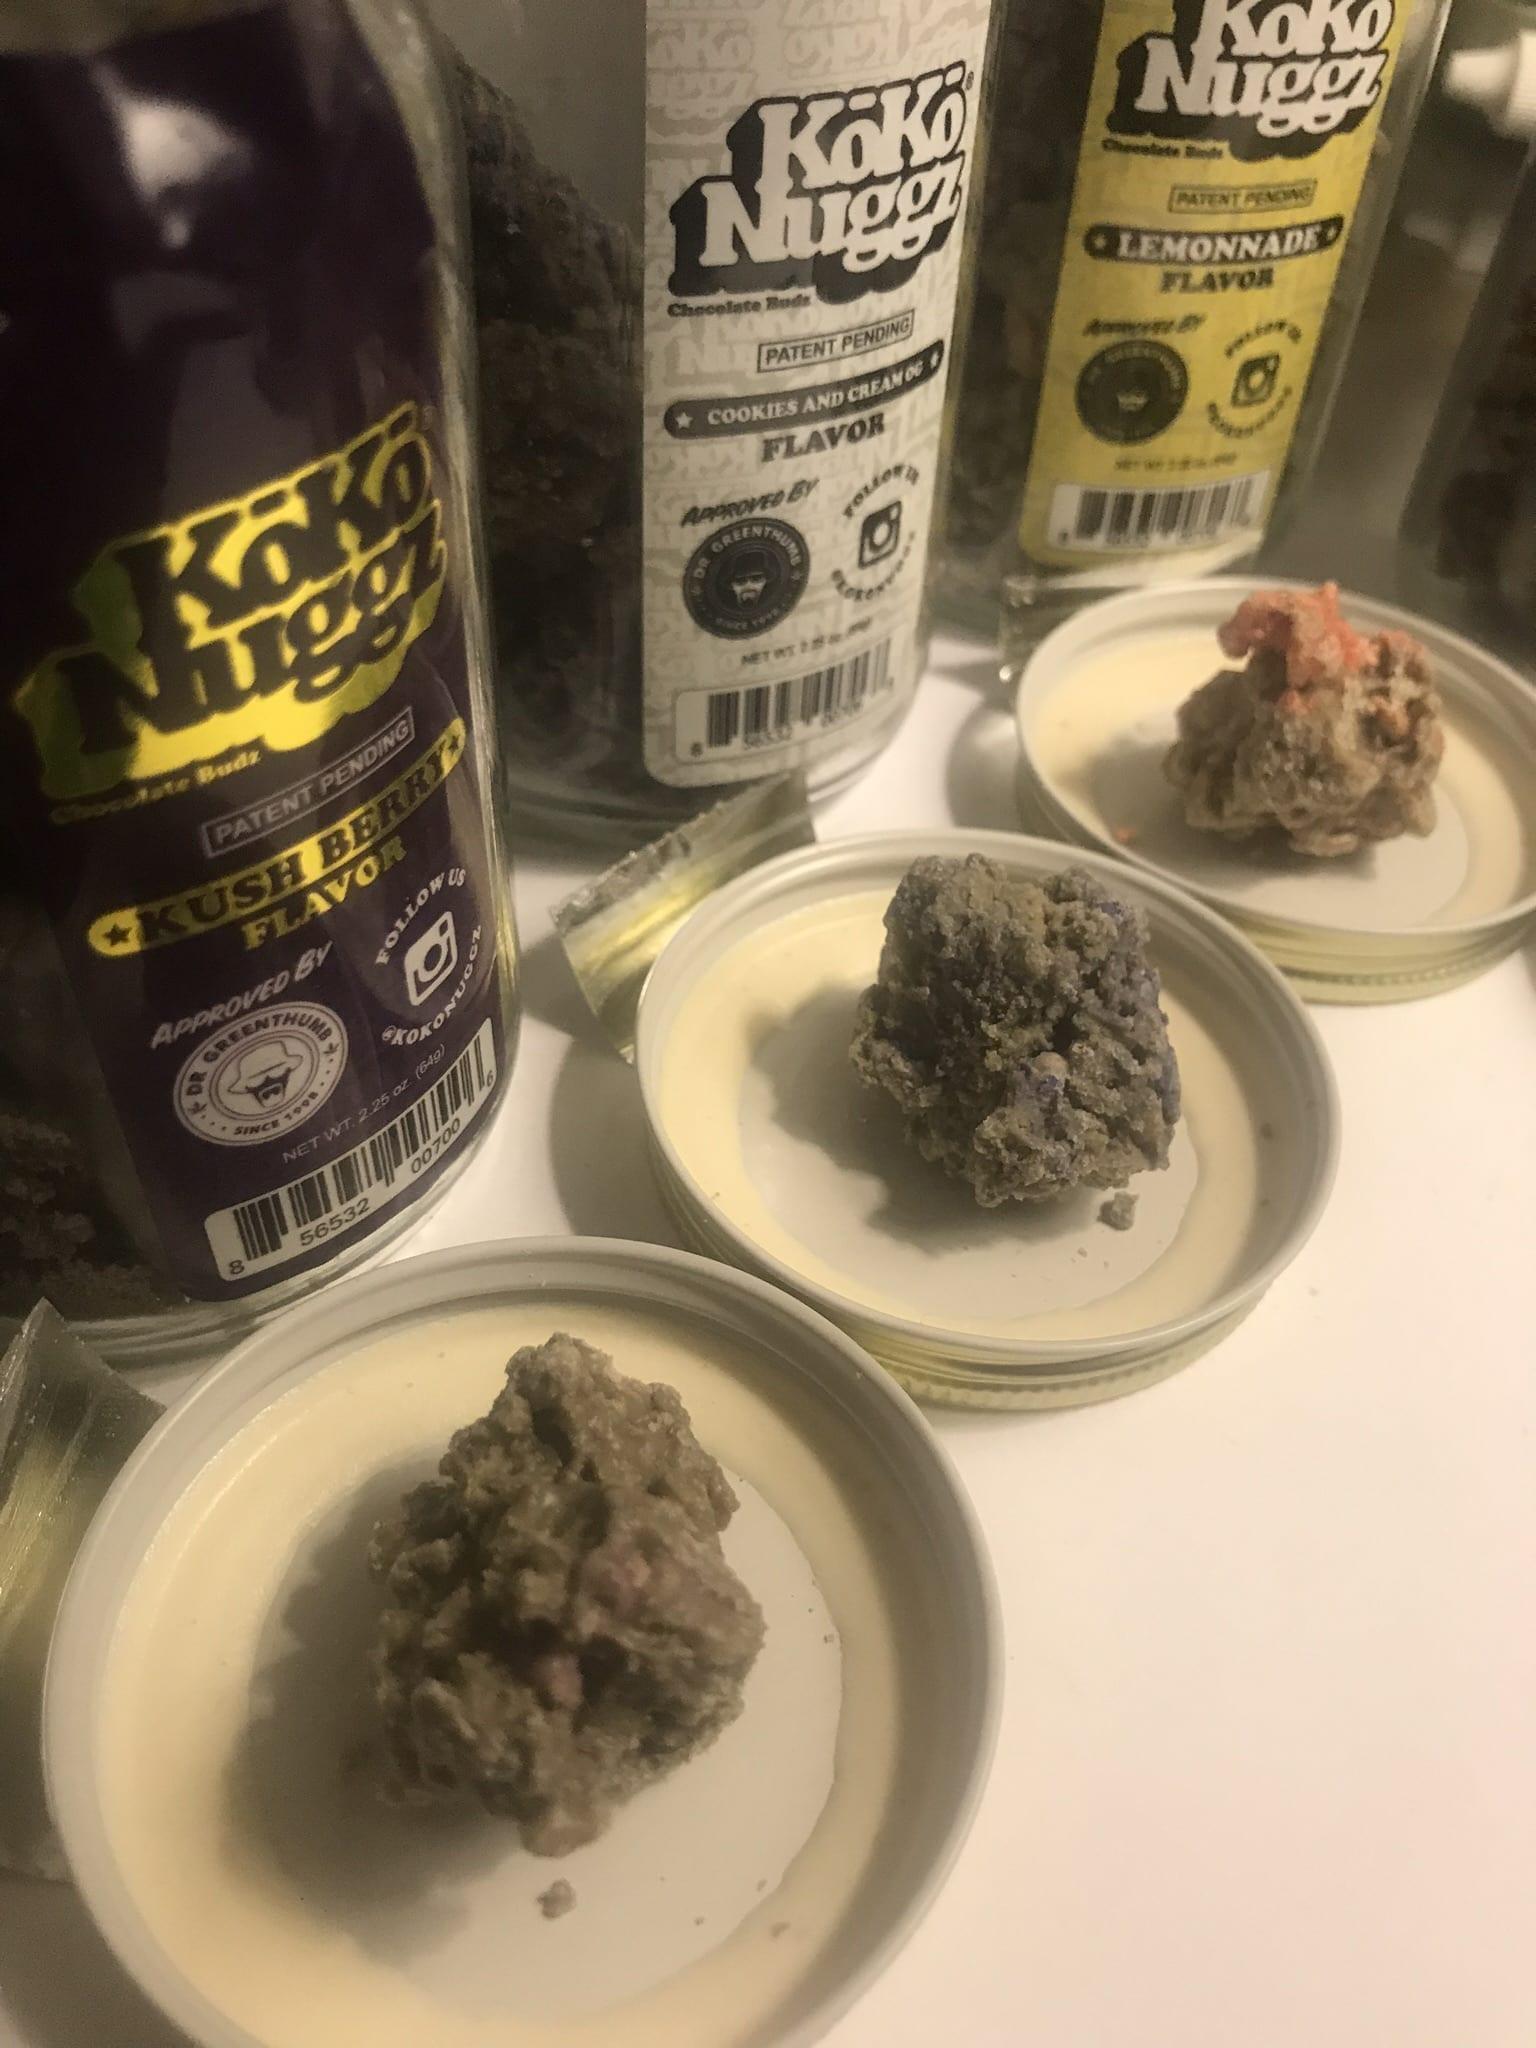 Koko Nuggz Flavors